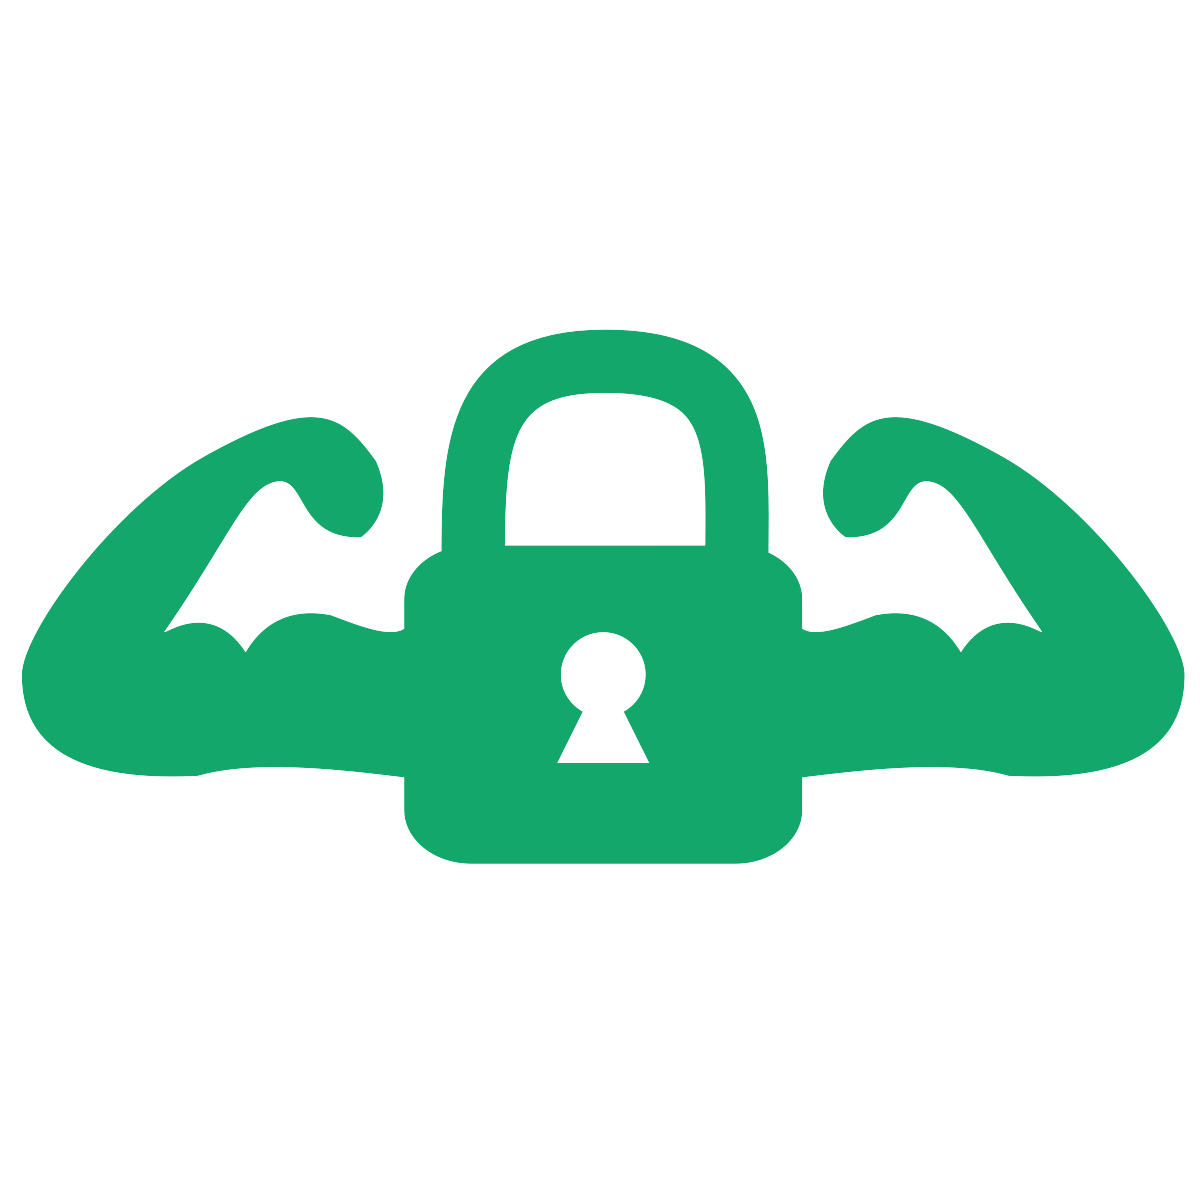 cynch cyber fitness platform.png